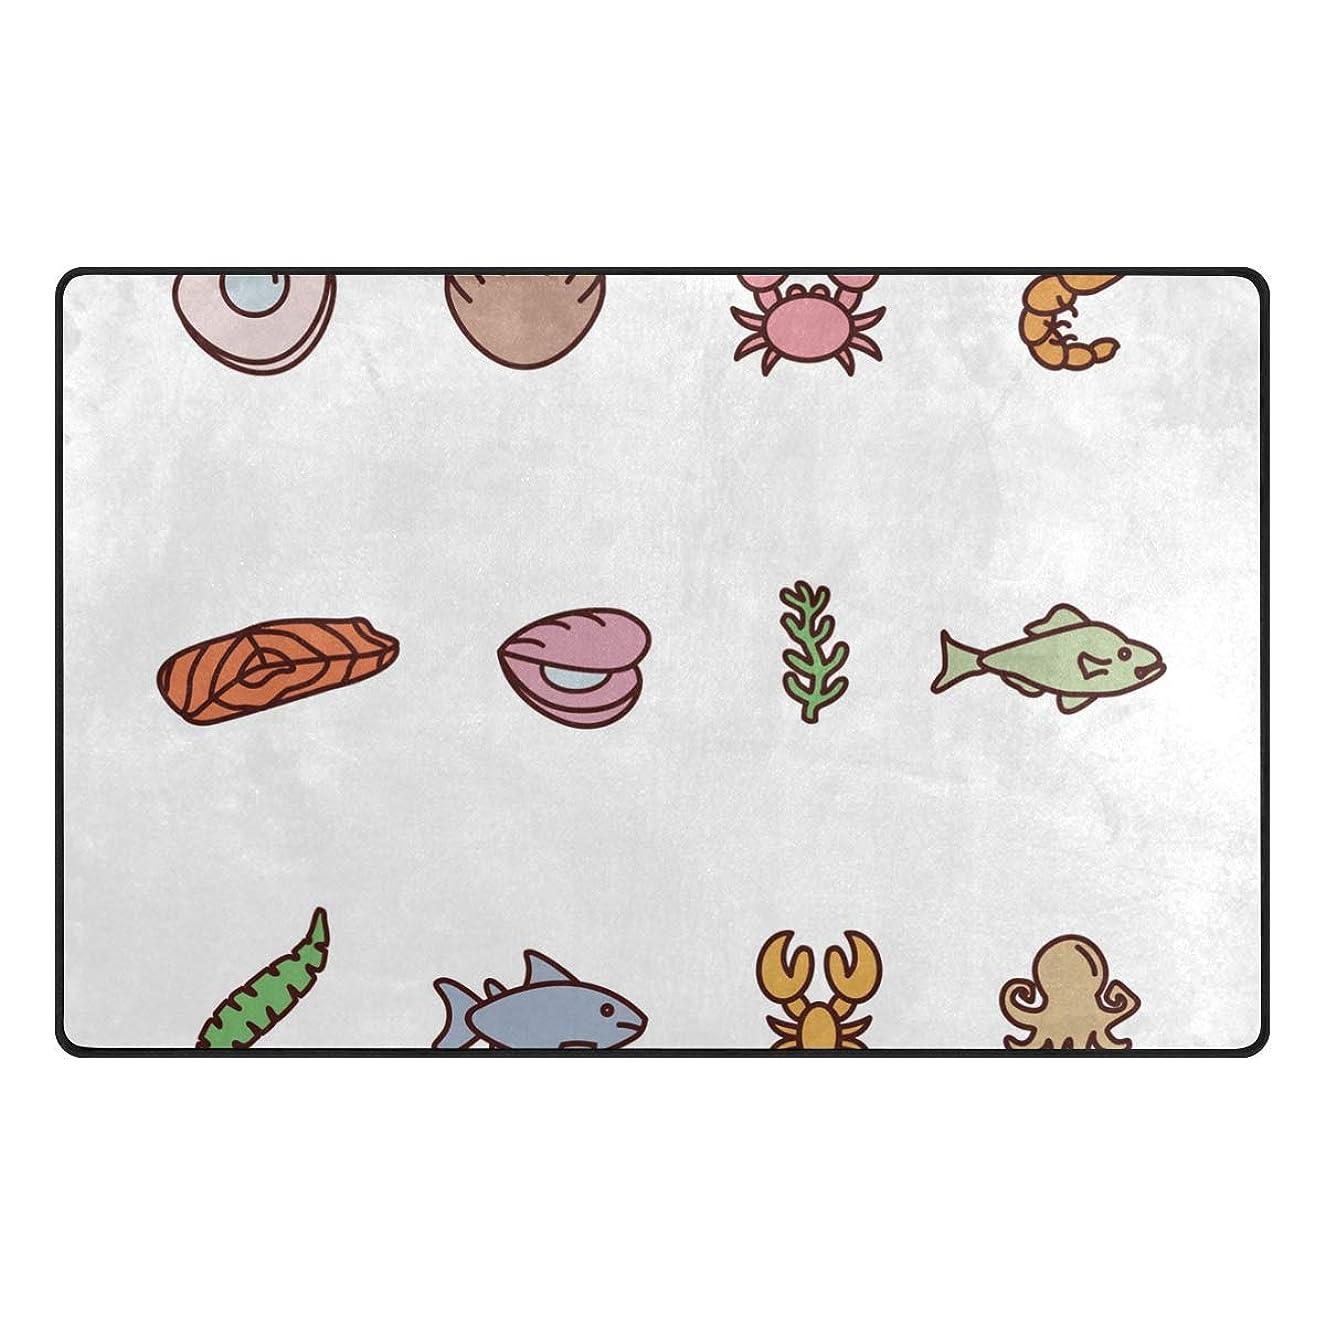 pengyong Hand Drawn Seafood Non-Slip Floor Mat Home Decor Door Carpet Entry Rug Door Mat for Outdoor/Indoor Uses